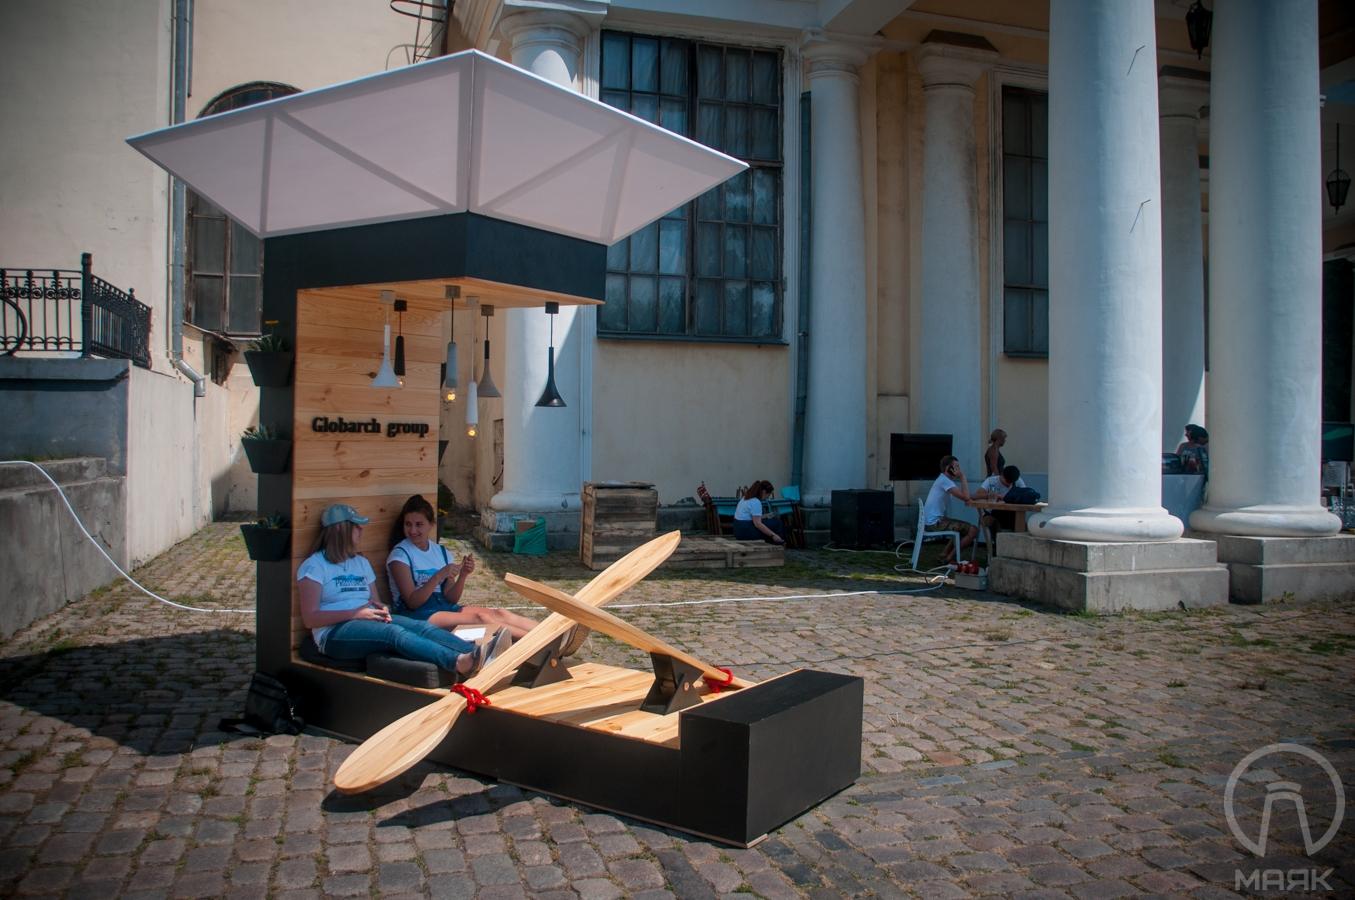 Prostoneba: в центре Одессы дизайнеры и архитекторы представили свои работы (фоторепортаж)